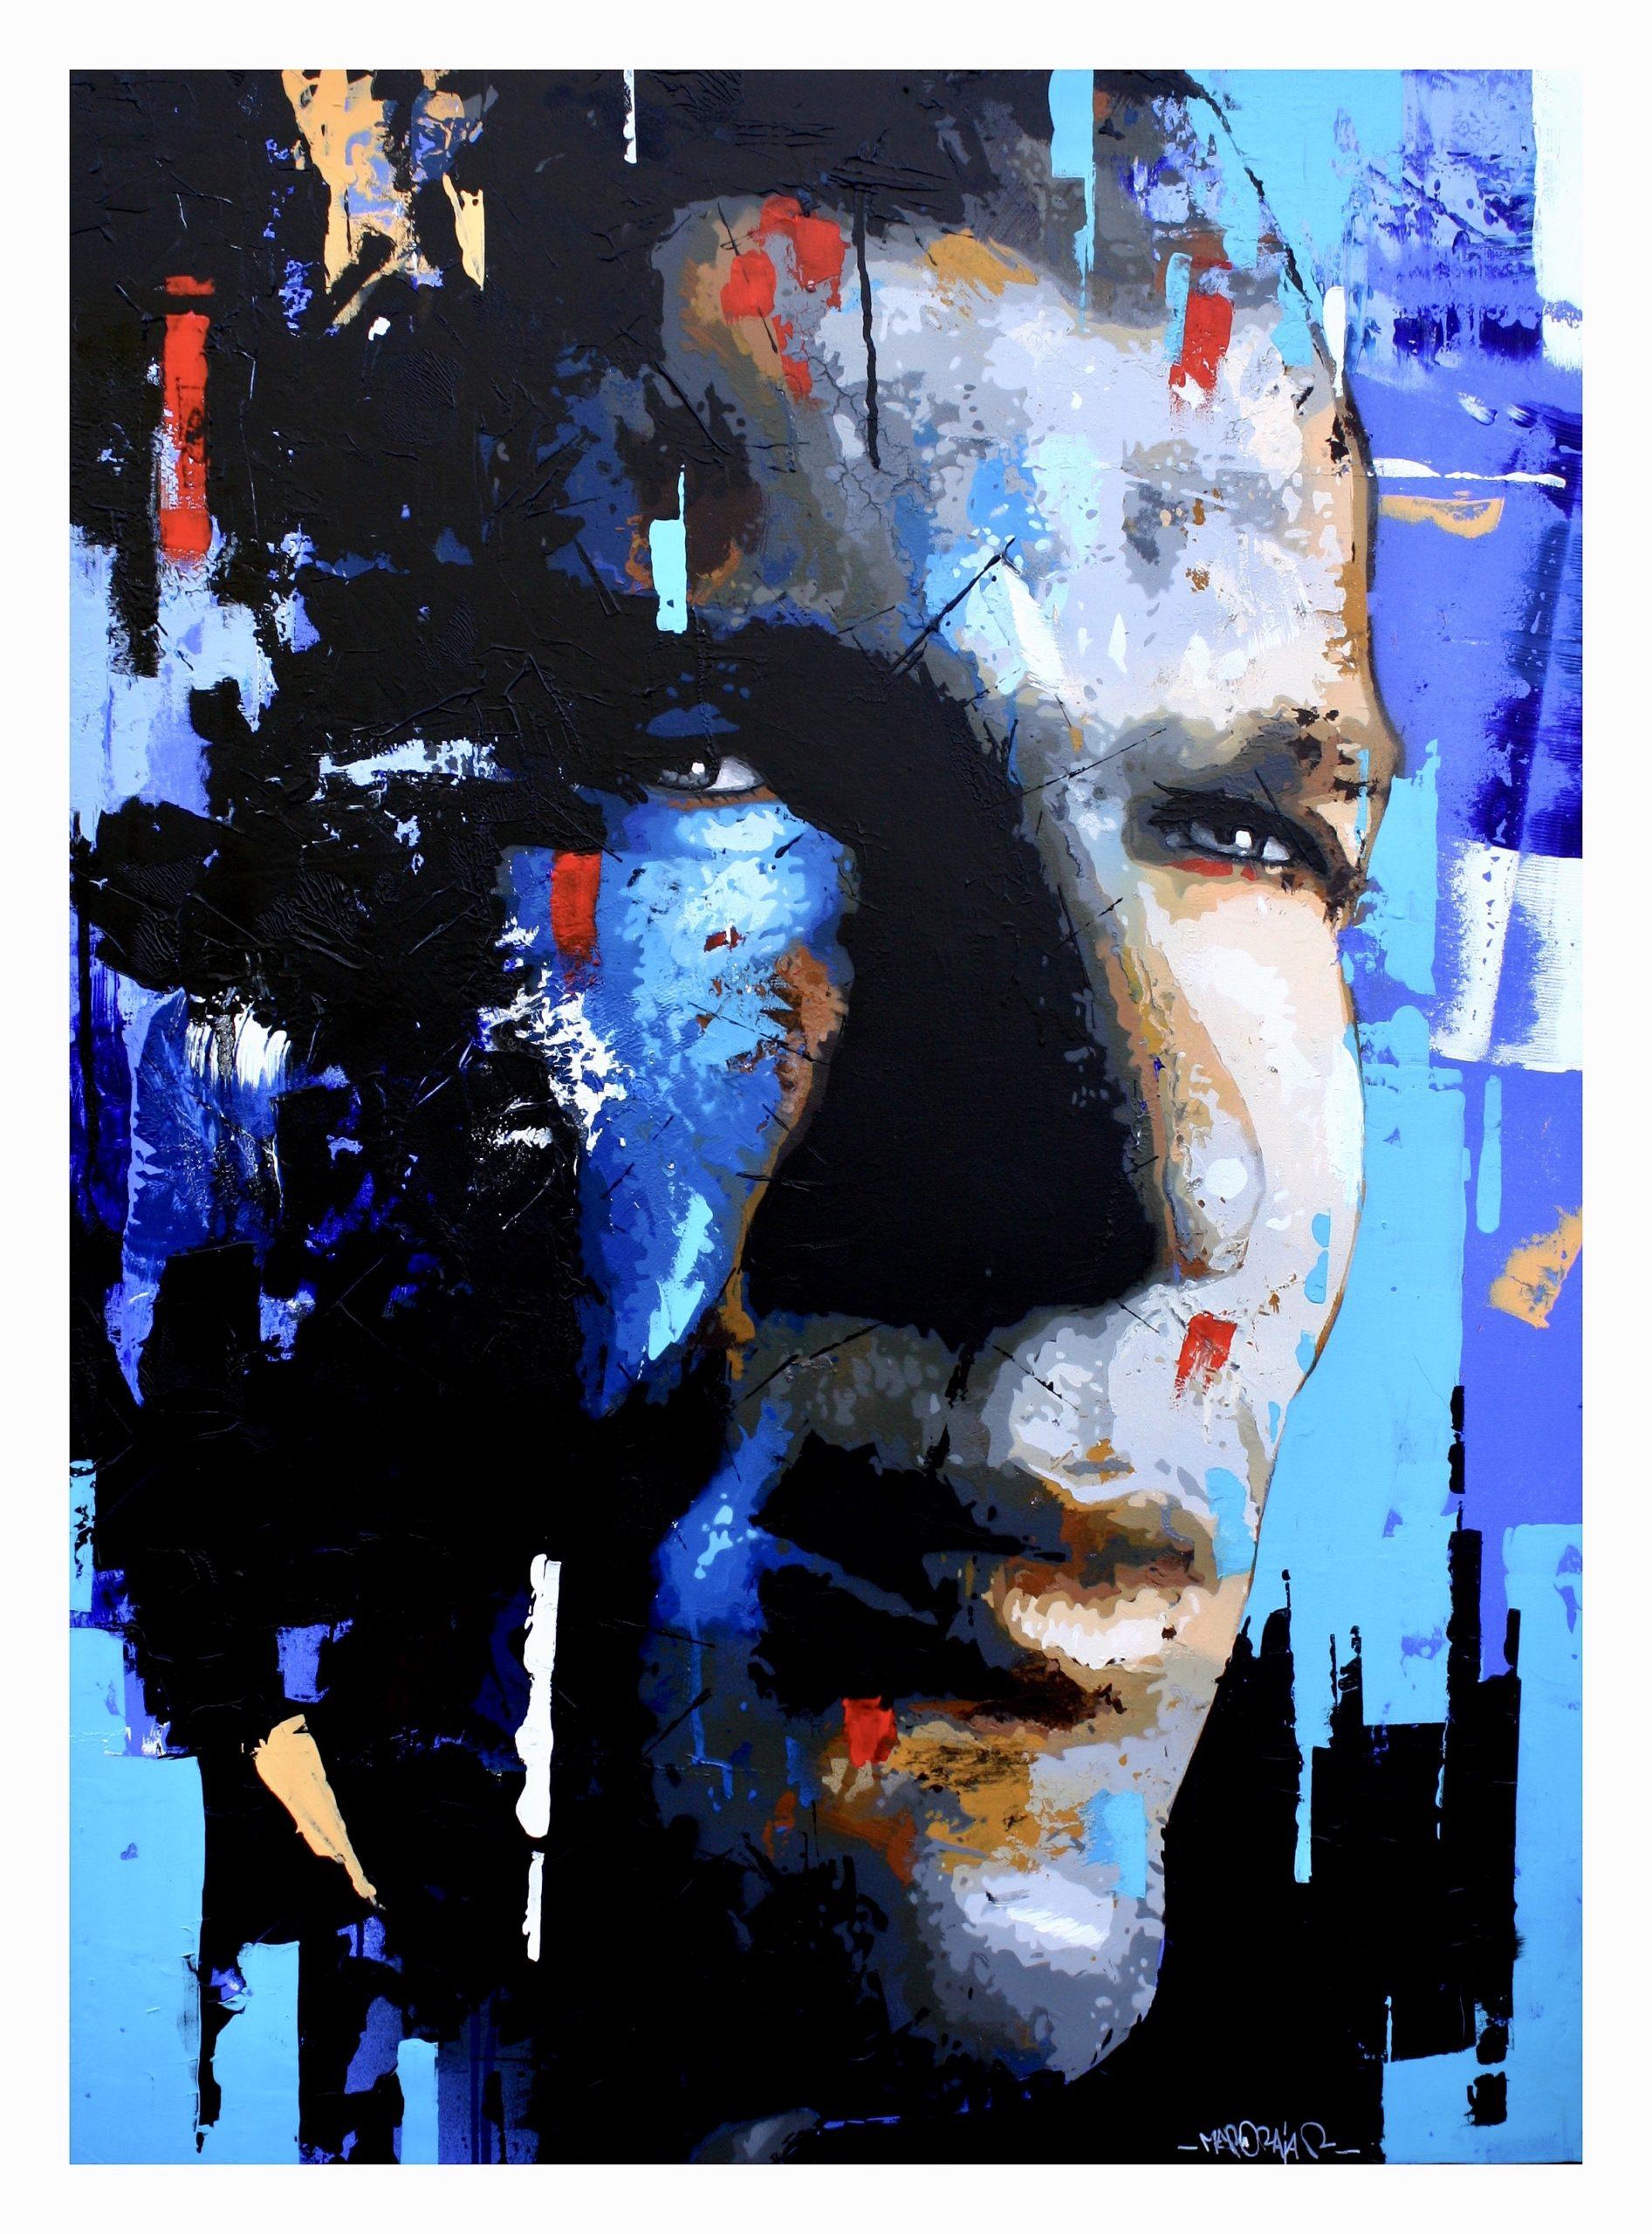 Méro Raja peinture Rémy Rajaona artiste graff zidane